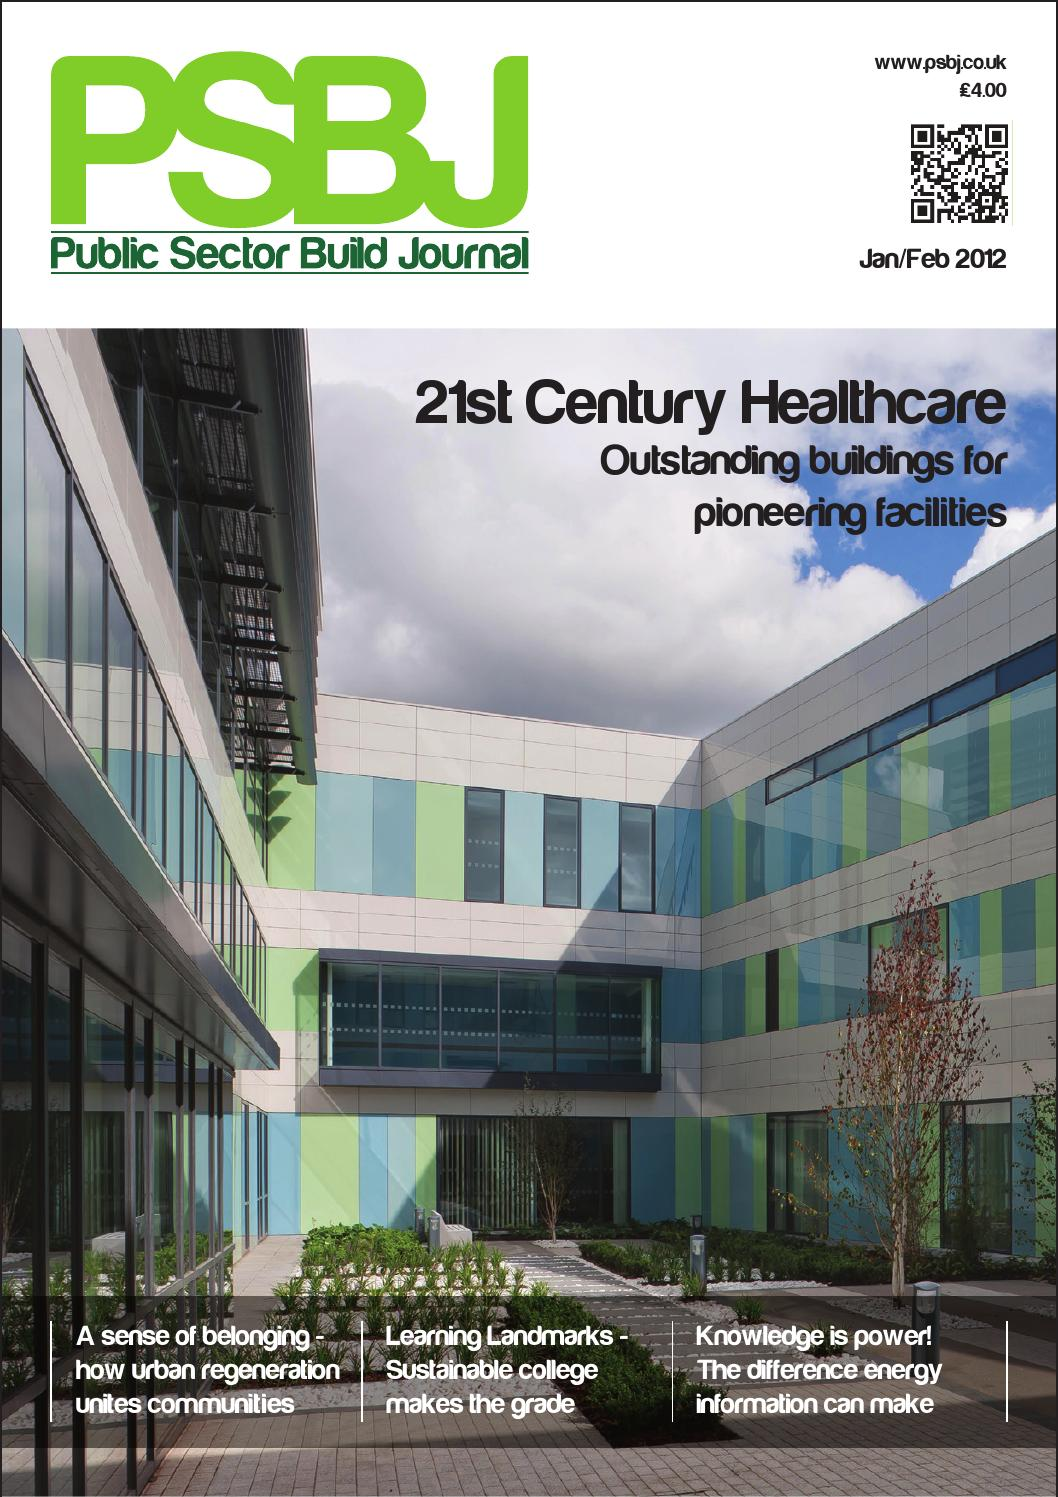 Psbj Janfeb 2012 By Cross Platform Media Ltd Issuu